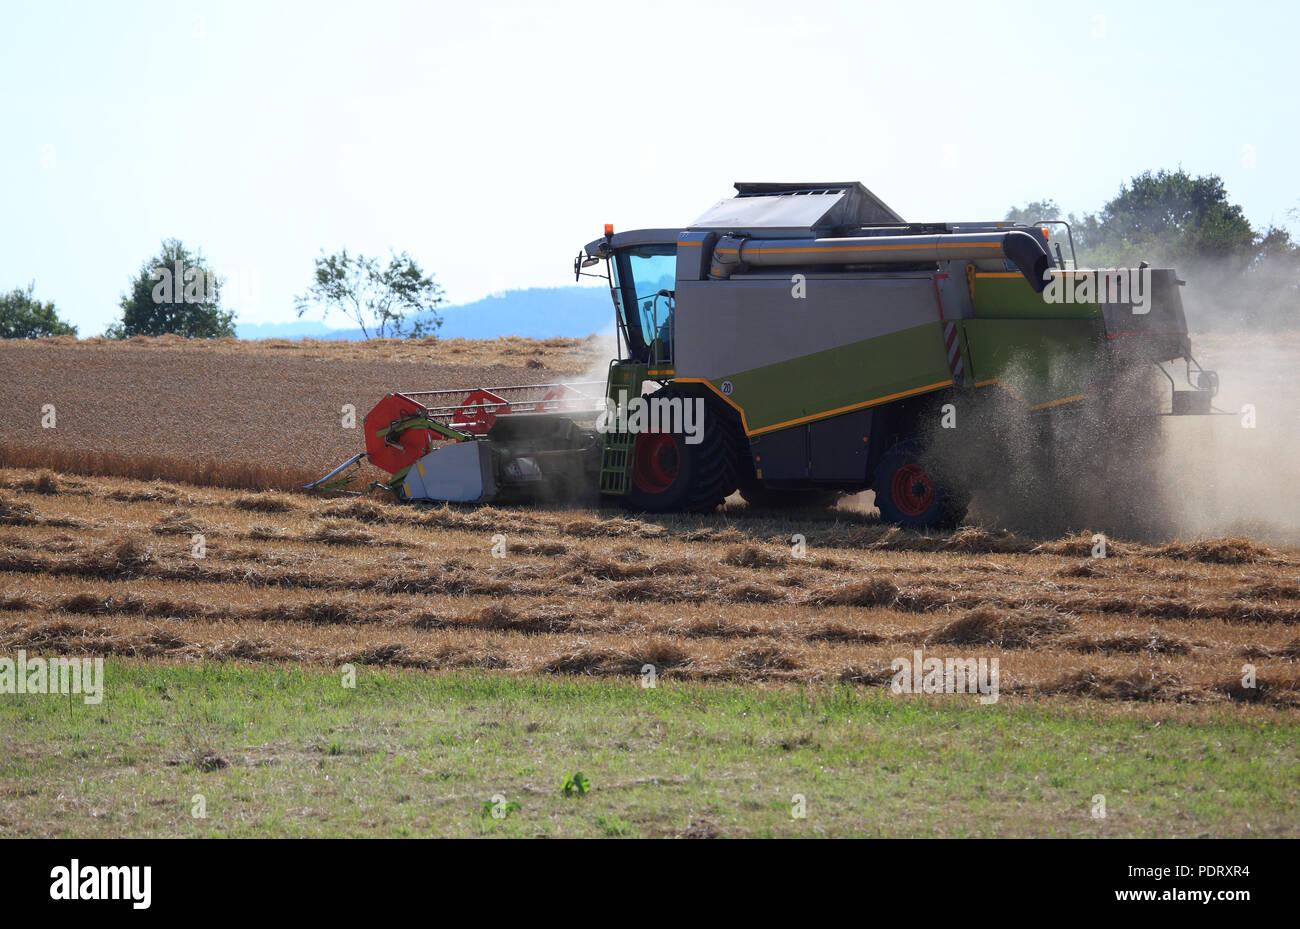 Mähdrescher bei der Weizenernte auf einem trockenen staubigen Feld Stock Photo